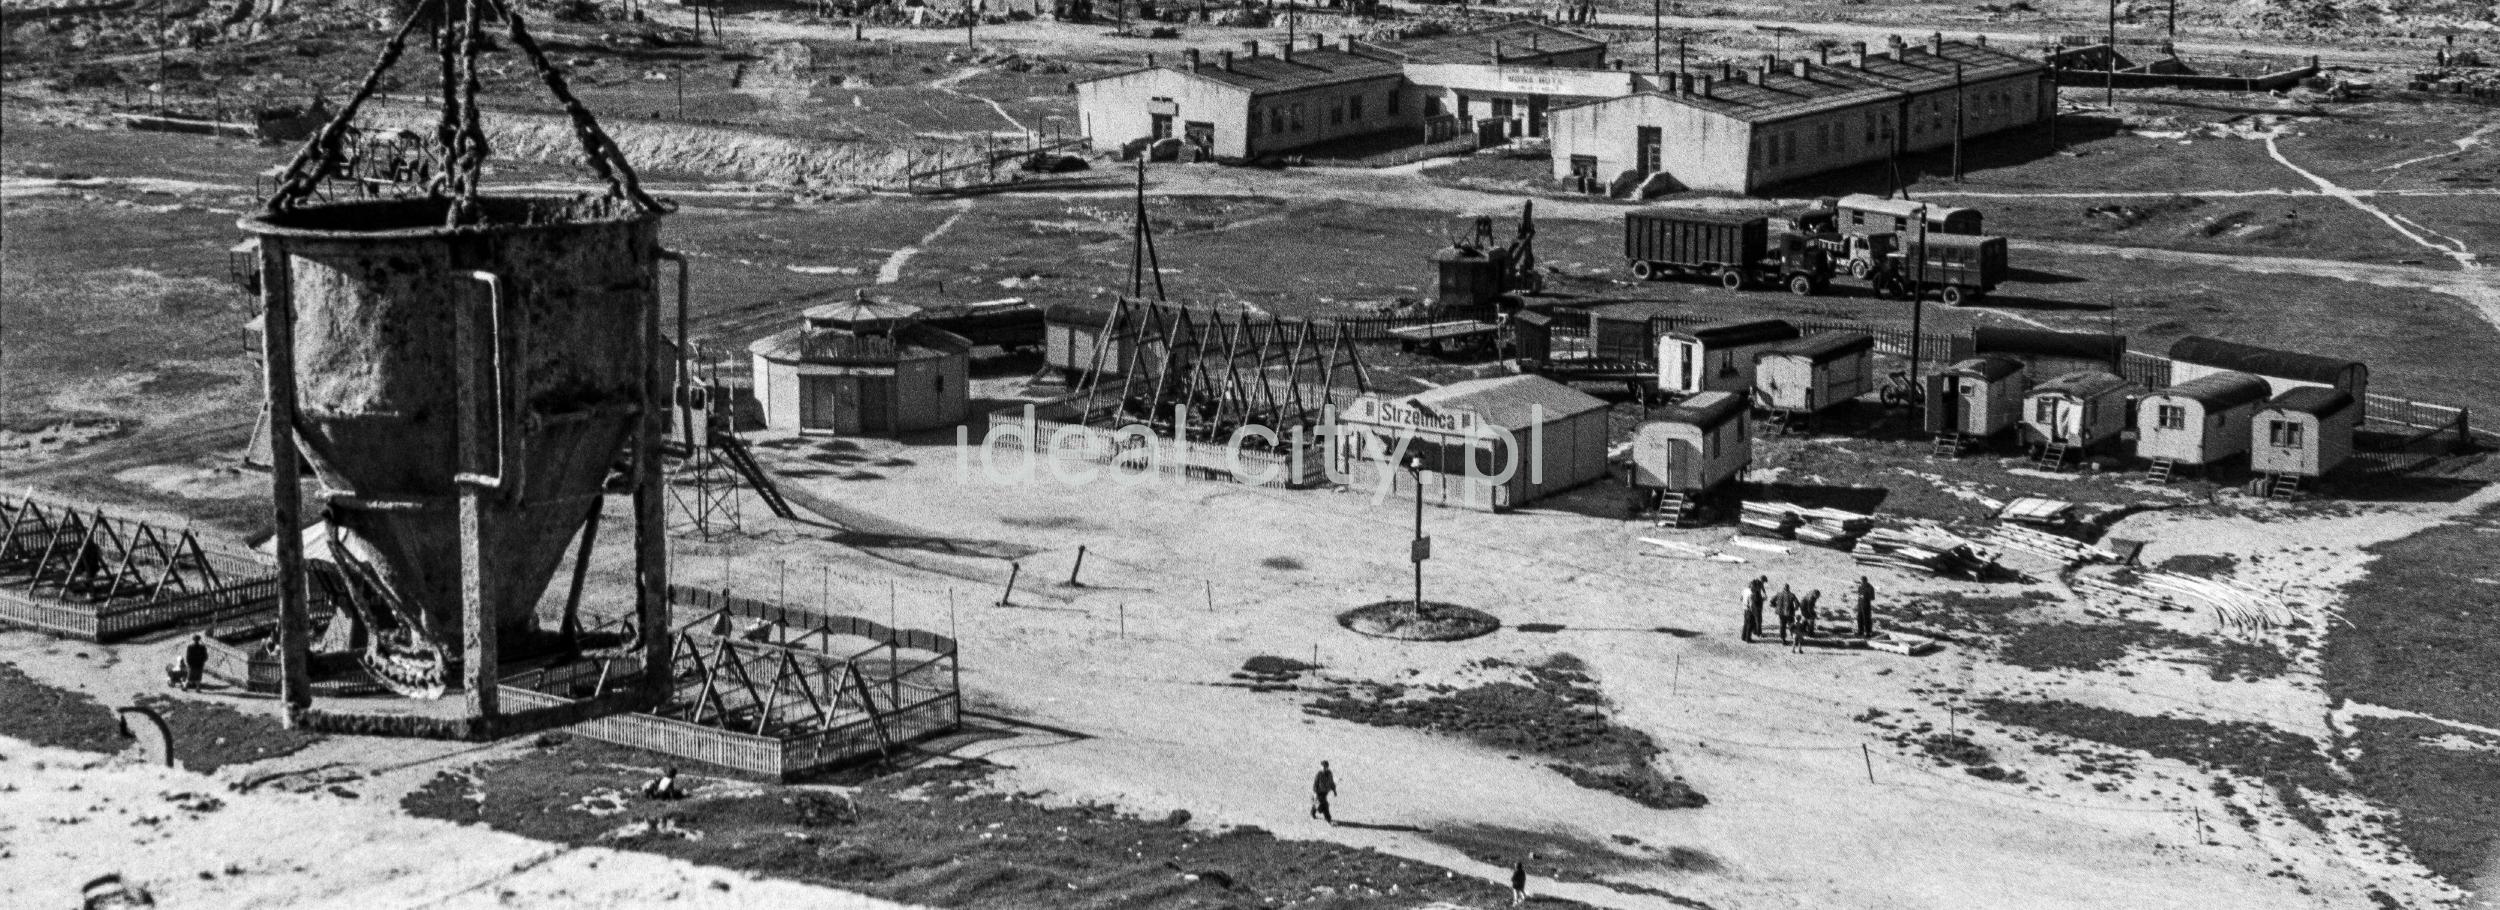 Widok z góry na plac zagospodarowany barakami wesołego miasteczka na przemian z administracyjnymi. Na pierwszym planie gruszka budowlana.